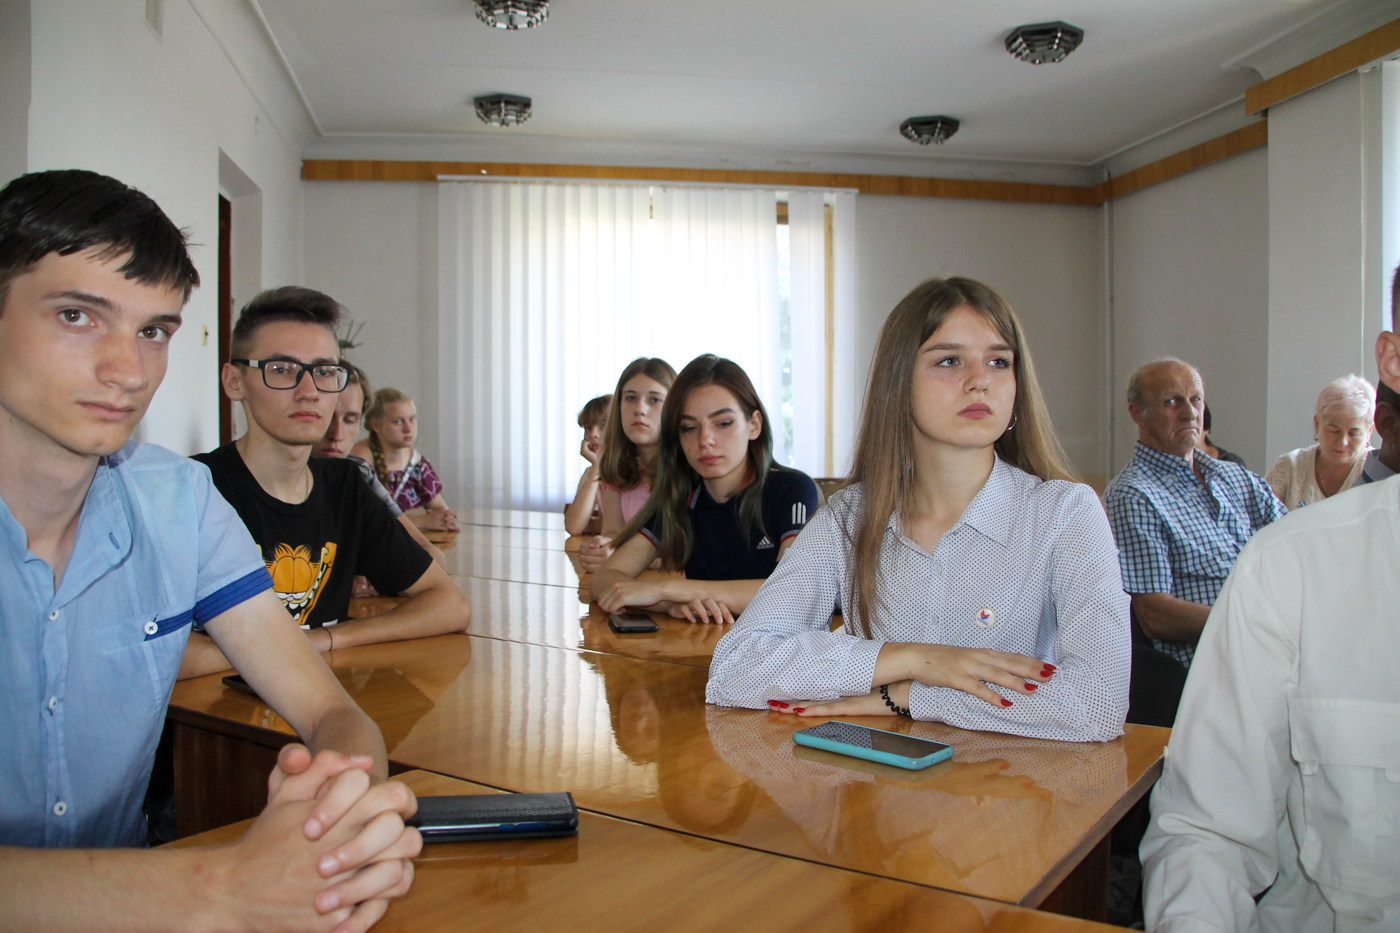 Представители ветеранской организации, активисты проектов «Забота о ветеранах» и «Молодая Гвардия» встретились в Антраците 3